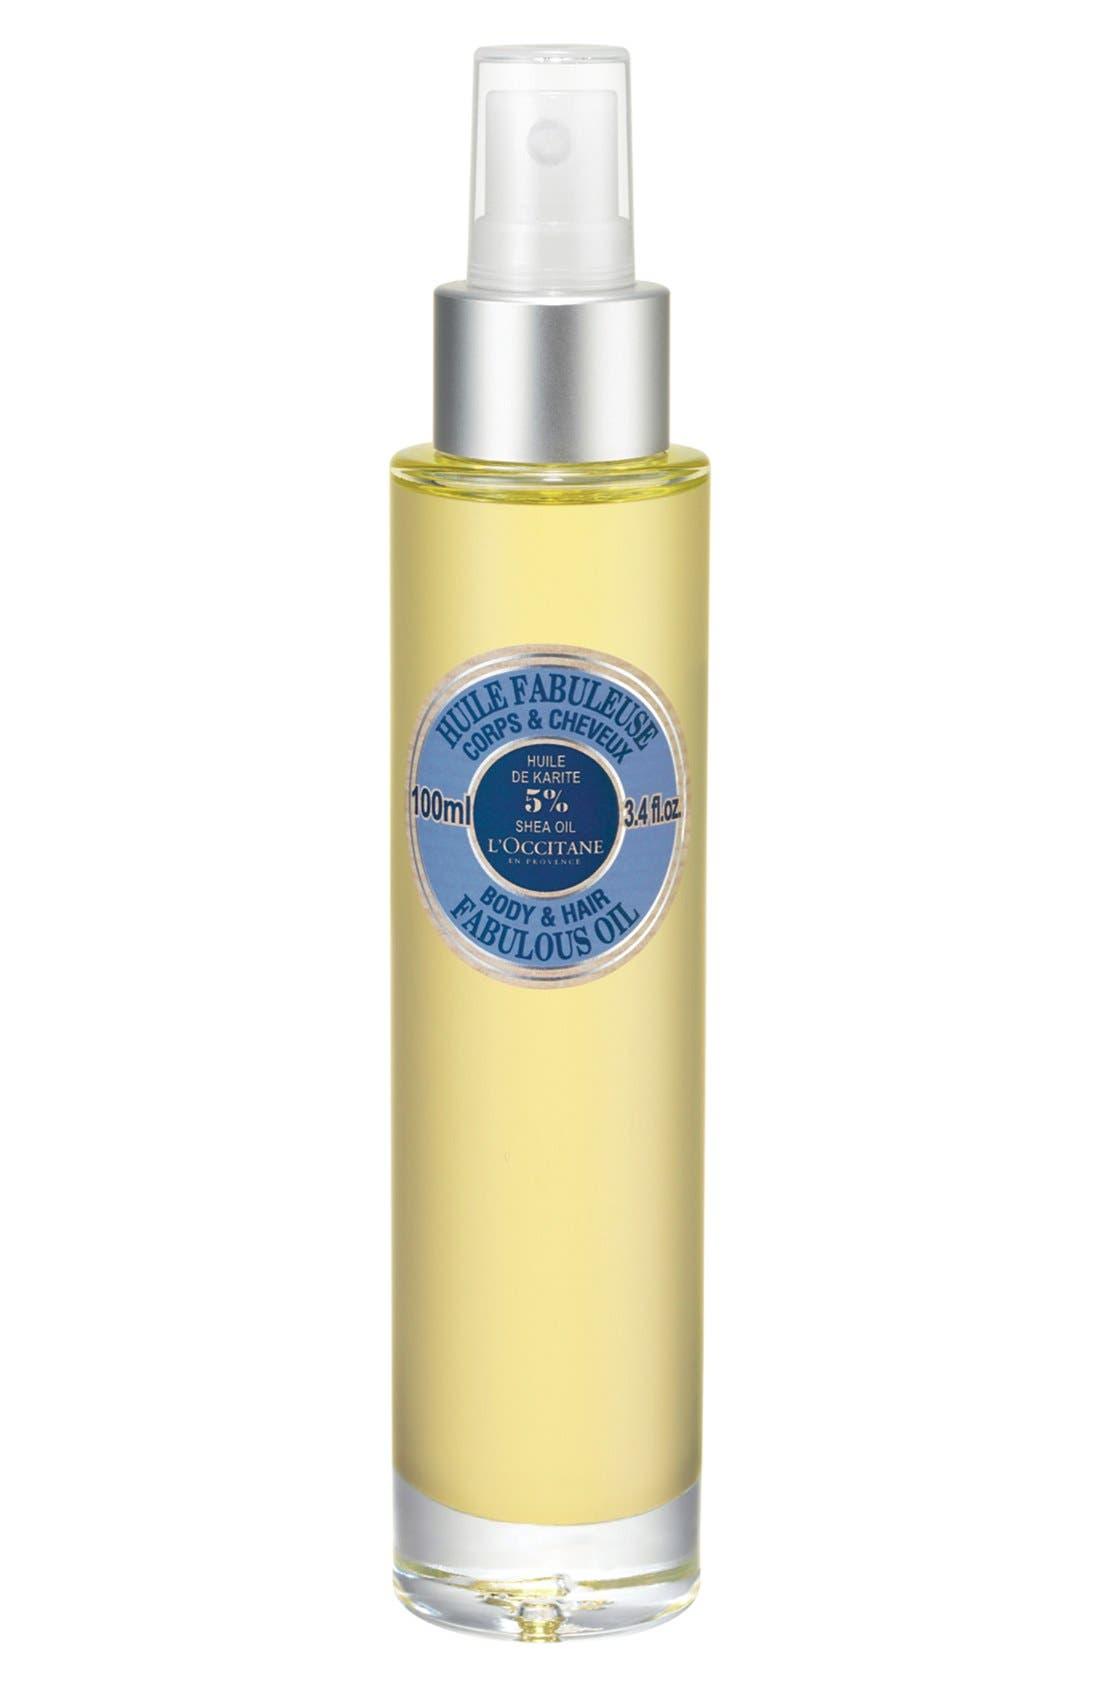 L'Occitane 'Shea Fabulous' Dry Oil